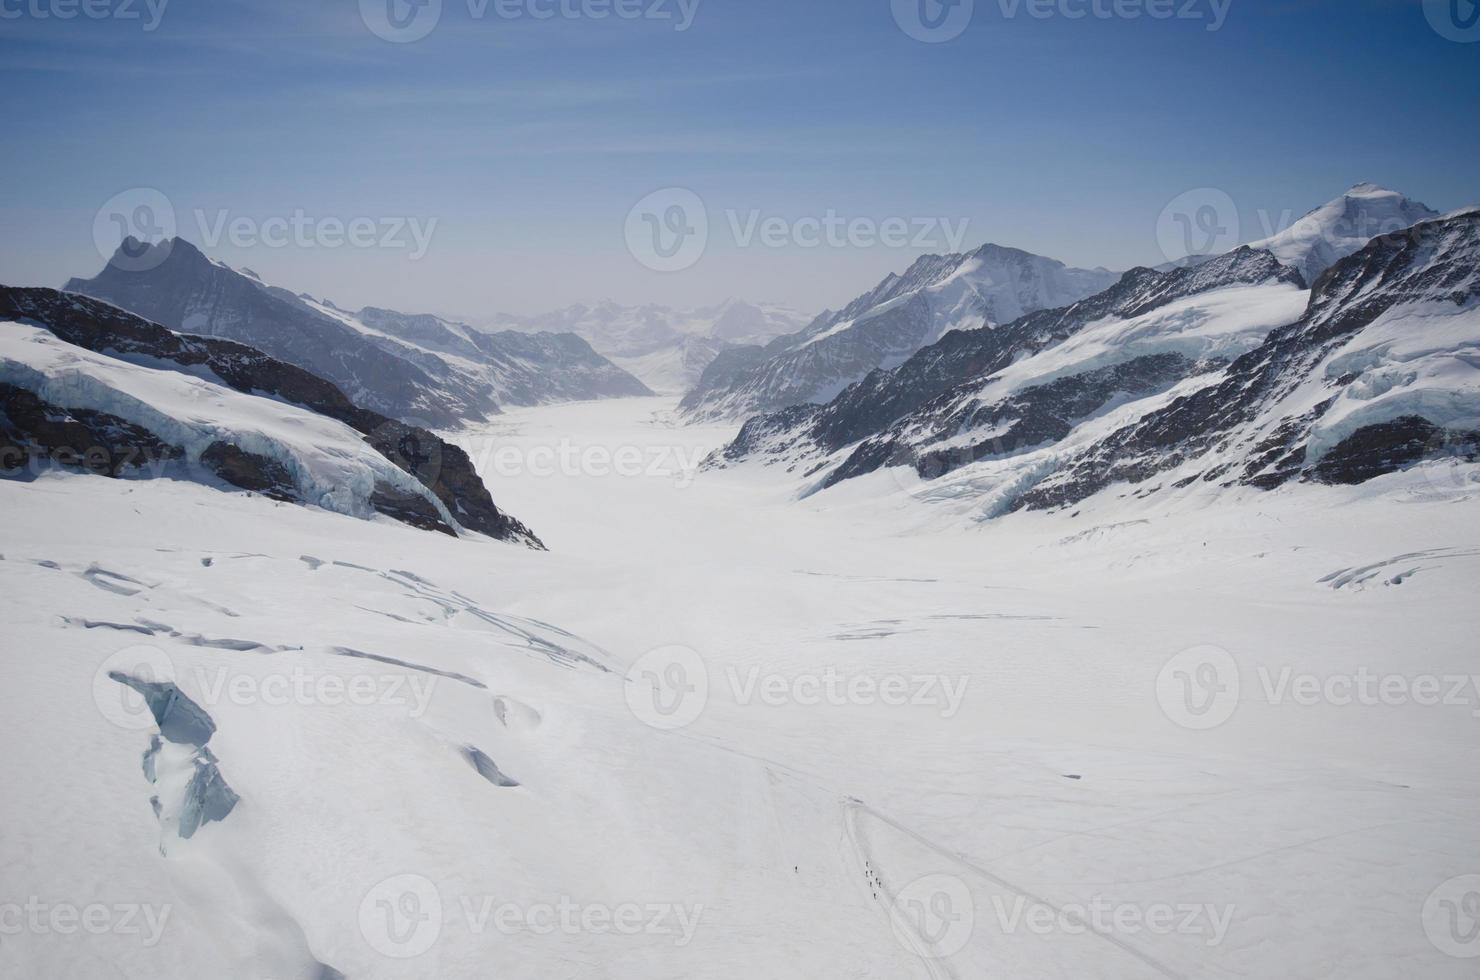 vista da geleira de Jungfrau foto